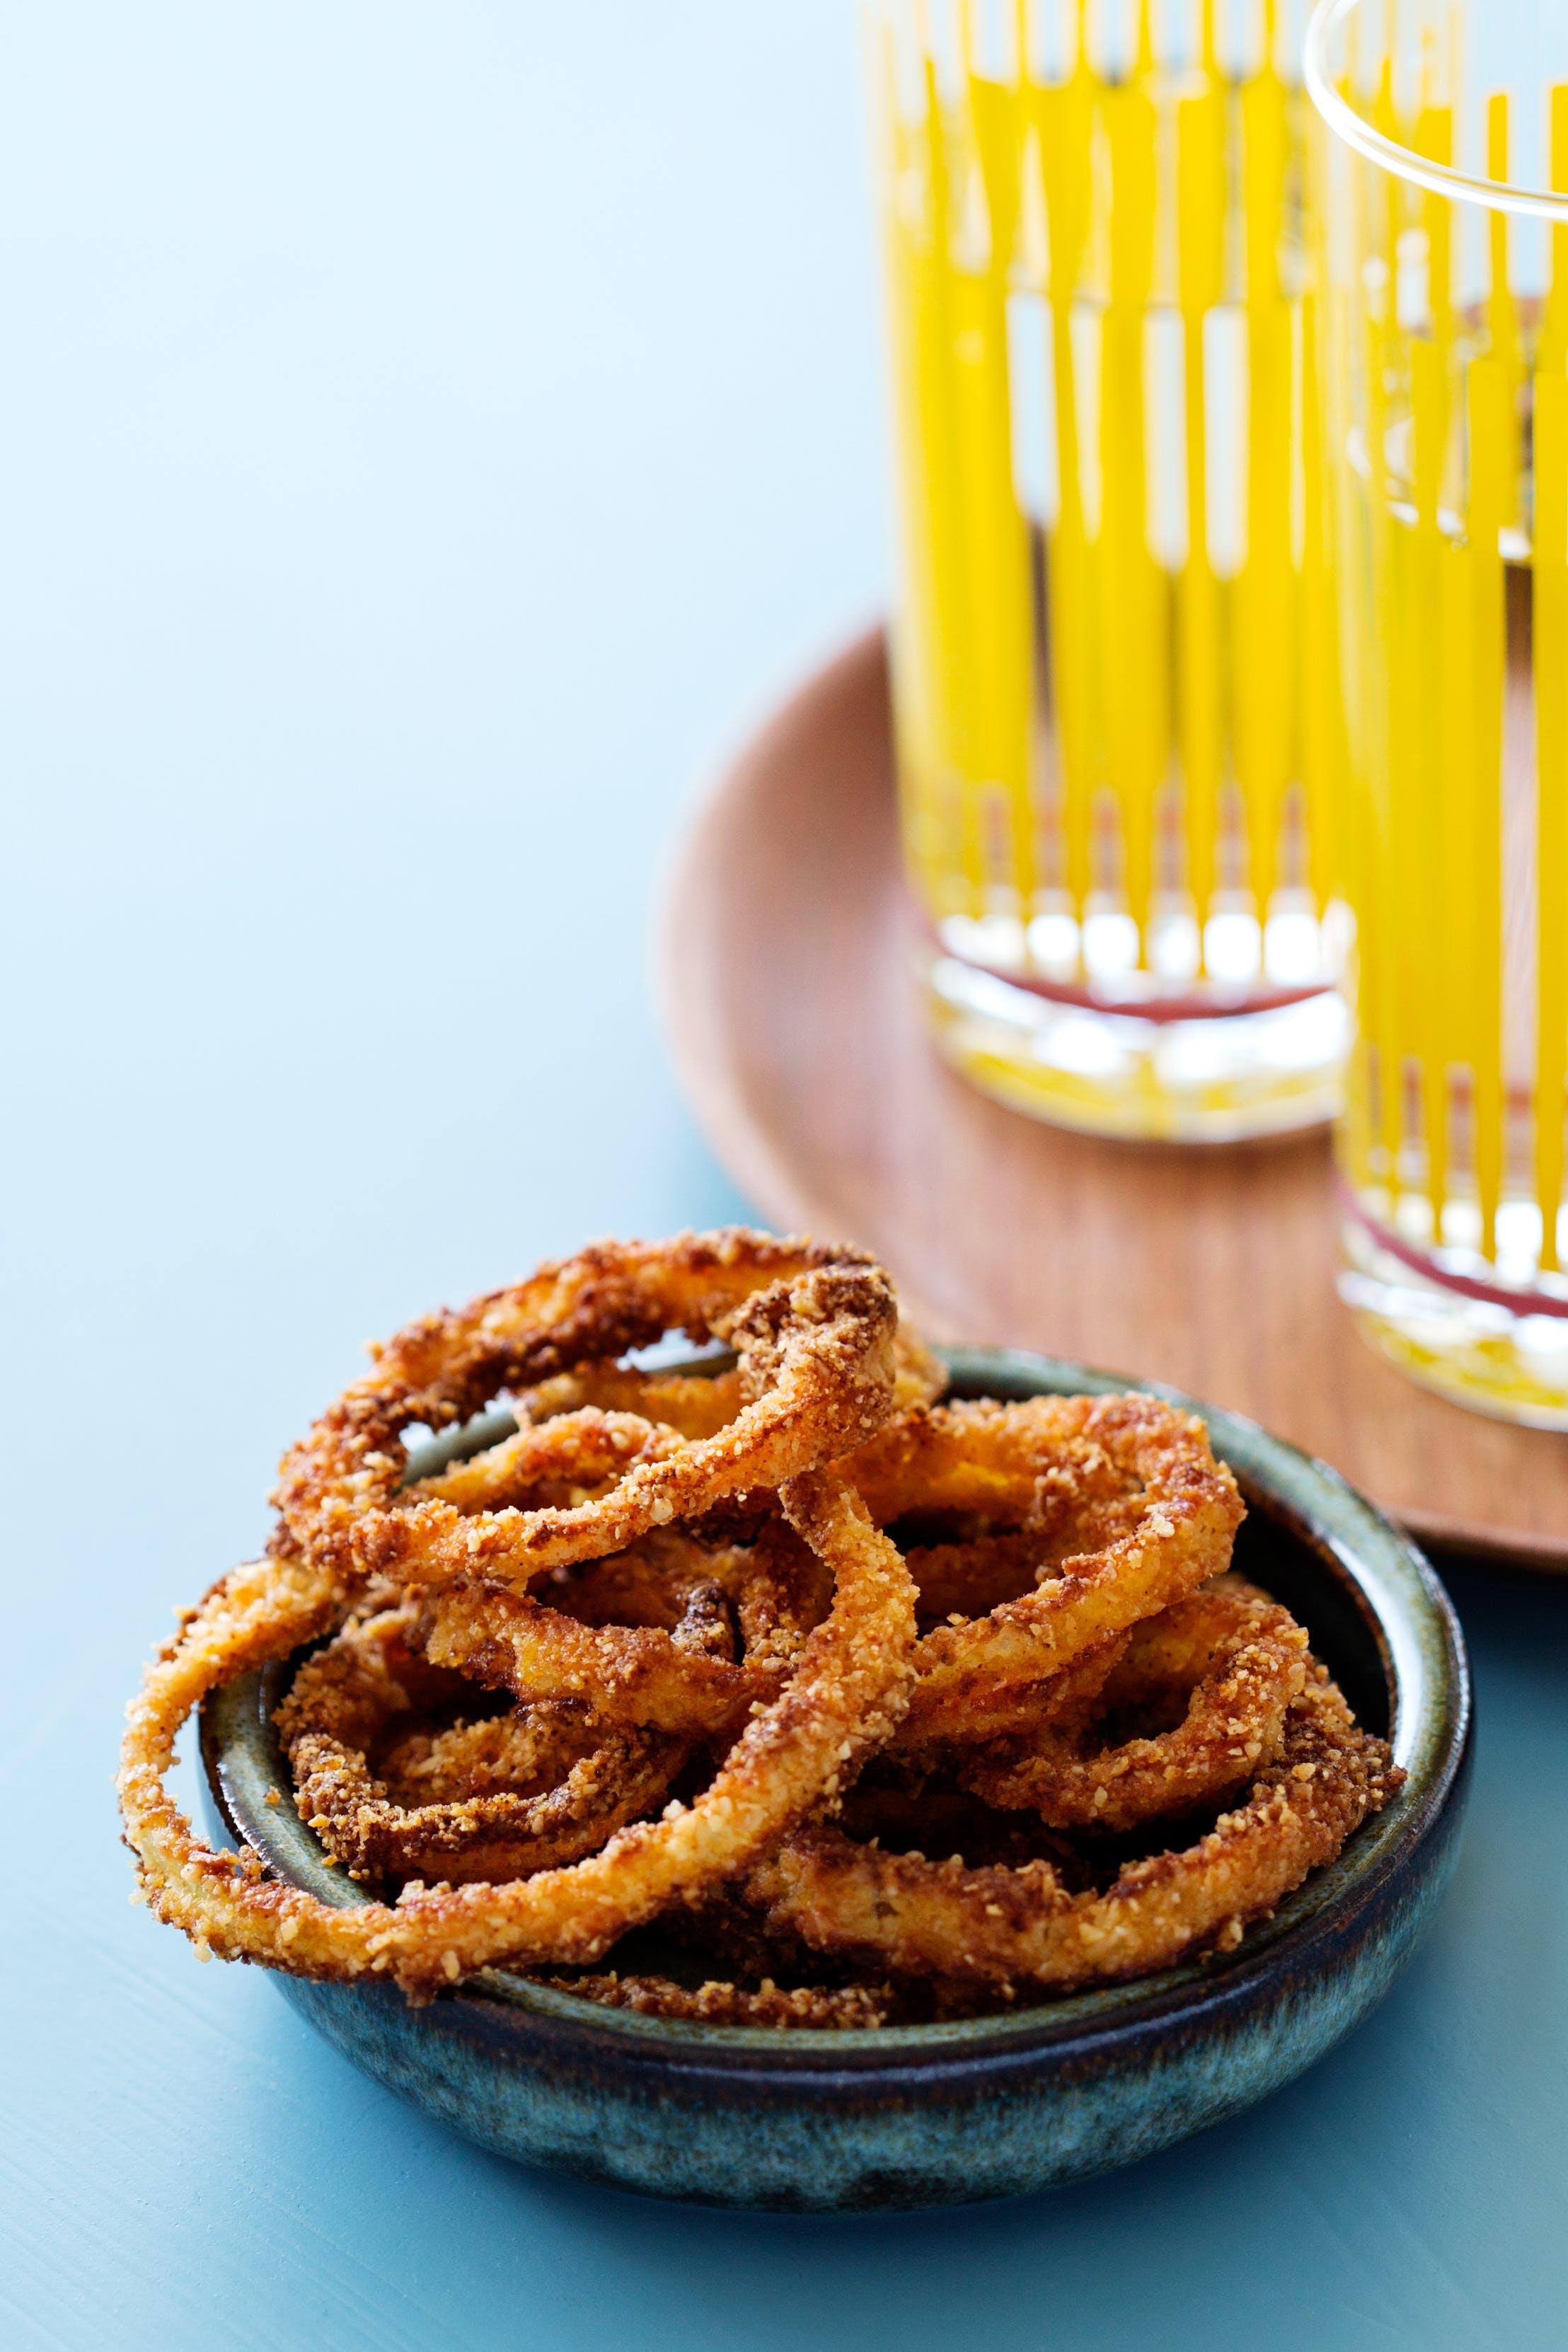 Aros de cebolla bajos en carbohidratos